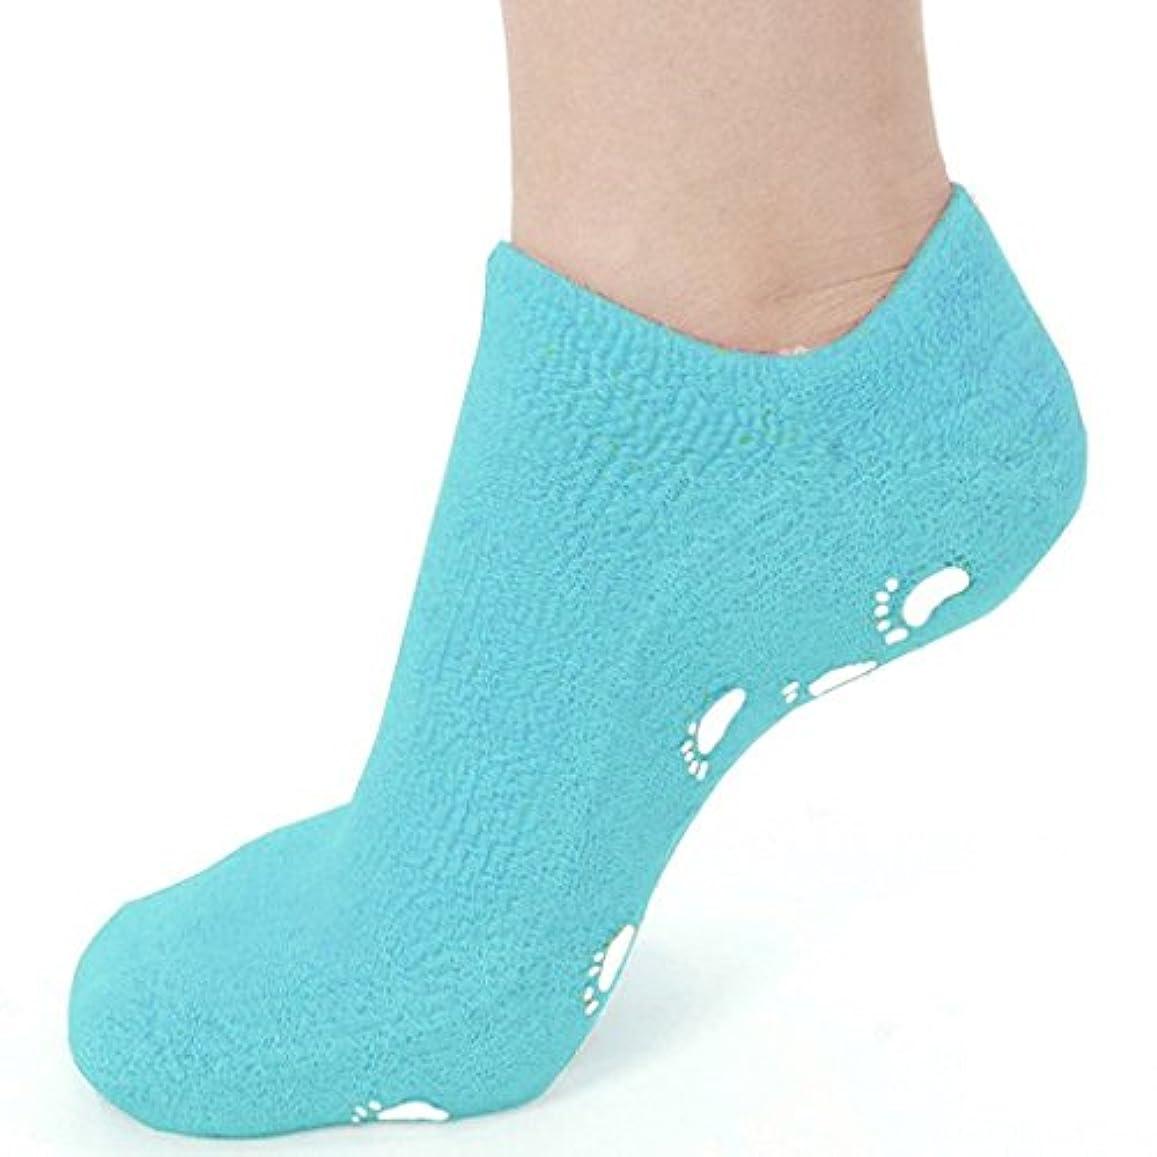 シルク全体のれん靴下 ソックス ジェル 素肌 足元 つま先 かかと 潤い 眠れる森のぷるジェル